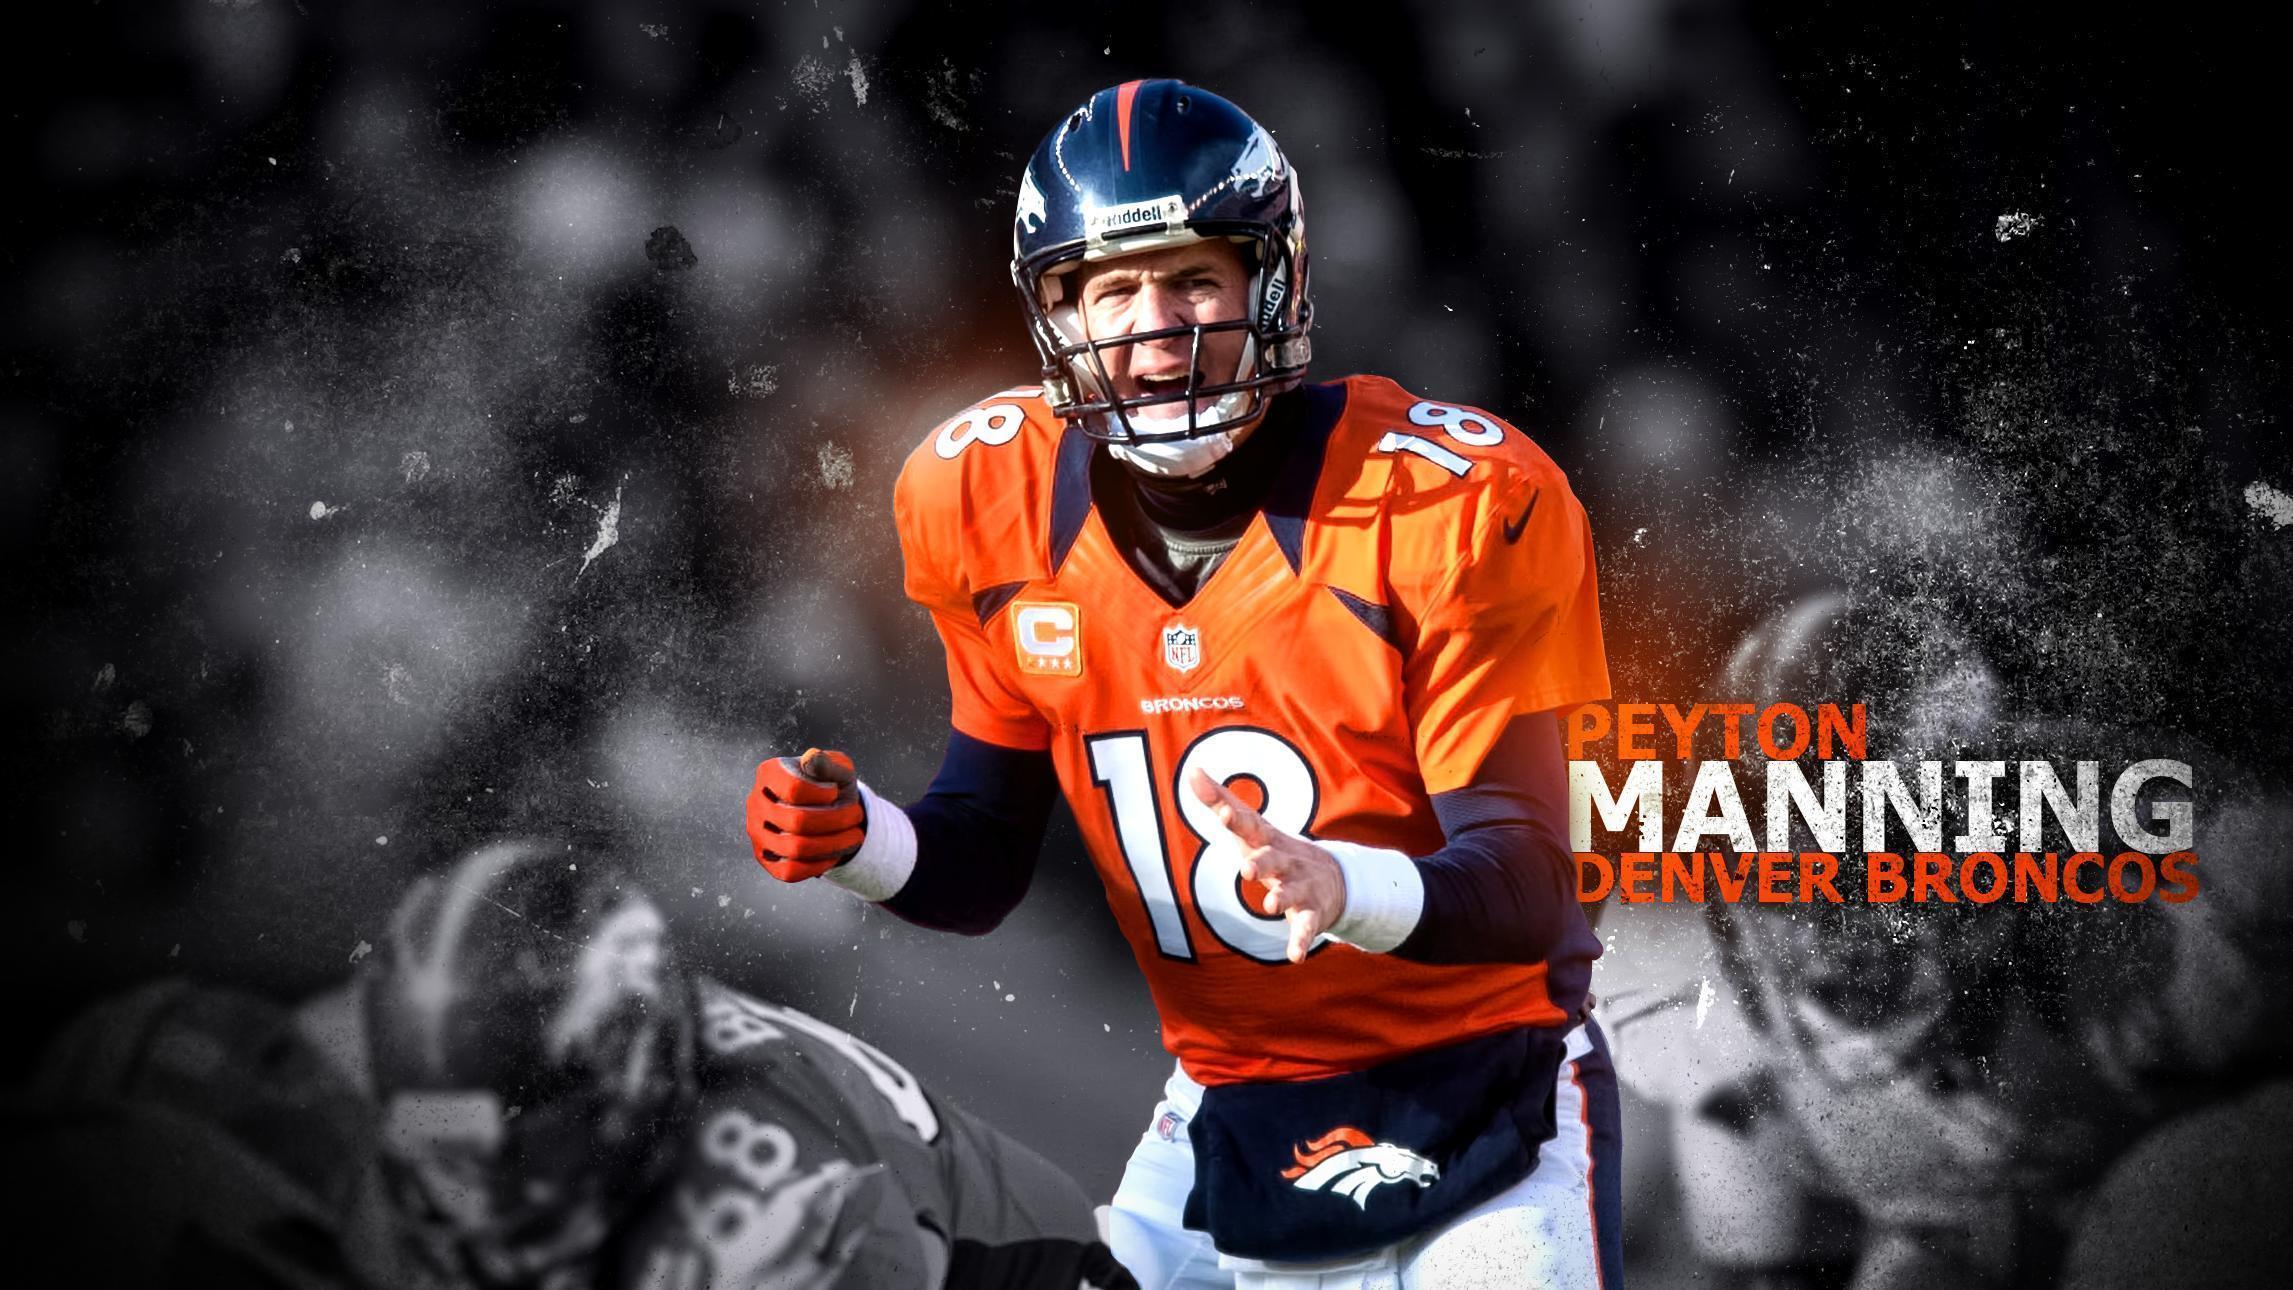 peyton manning broncos wallpaper. Perfect Manning 20 NFL Player Peyton Manning HD Wallpapers Inside Broncos Wallpaper Cave